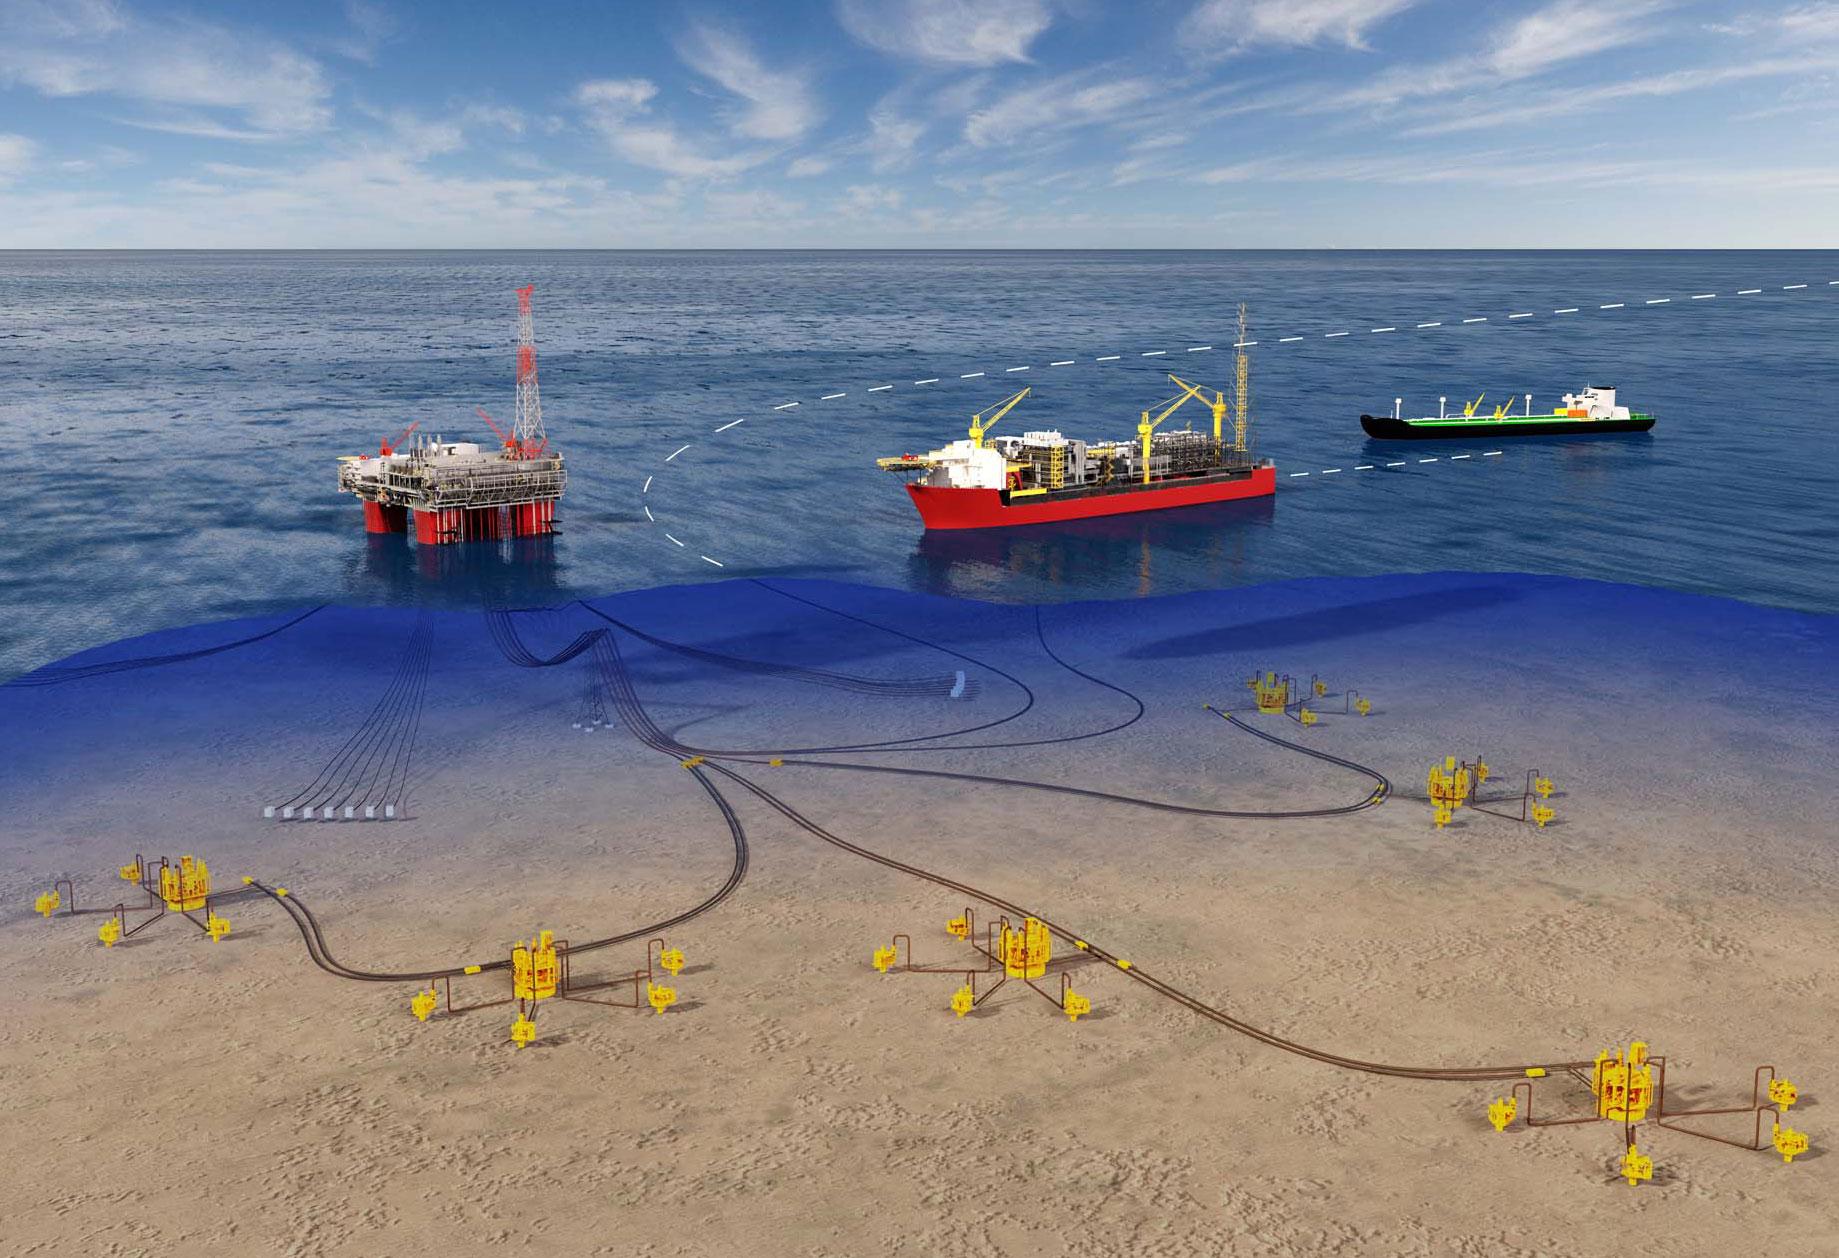 Regulations on scientific research in Vietnam's waters